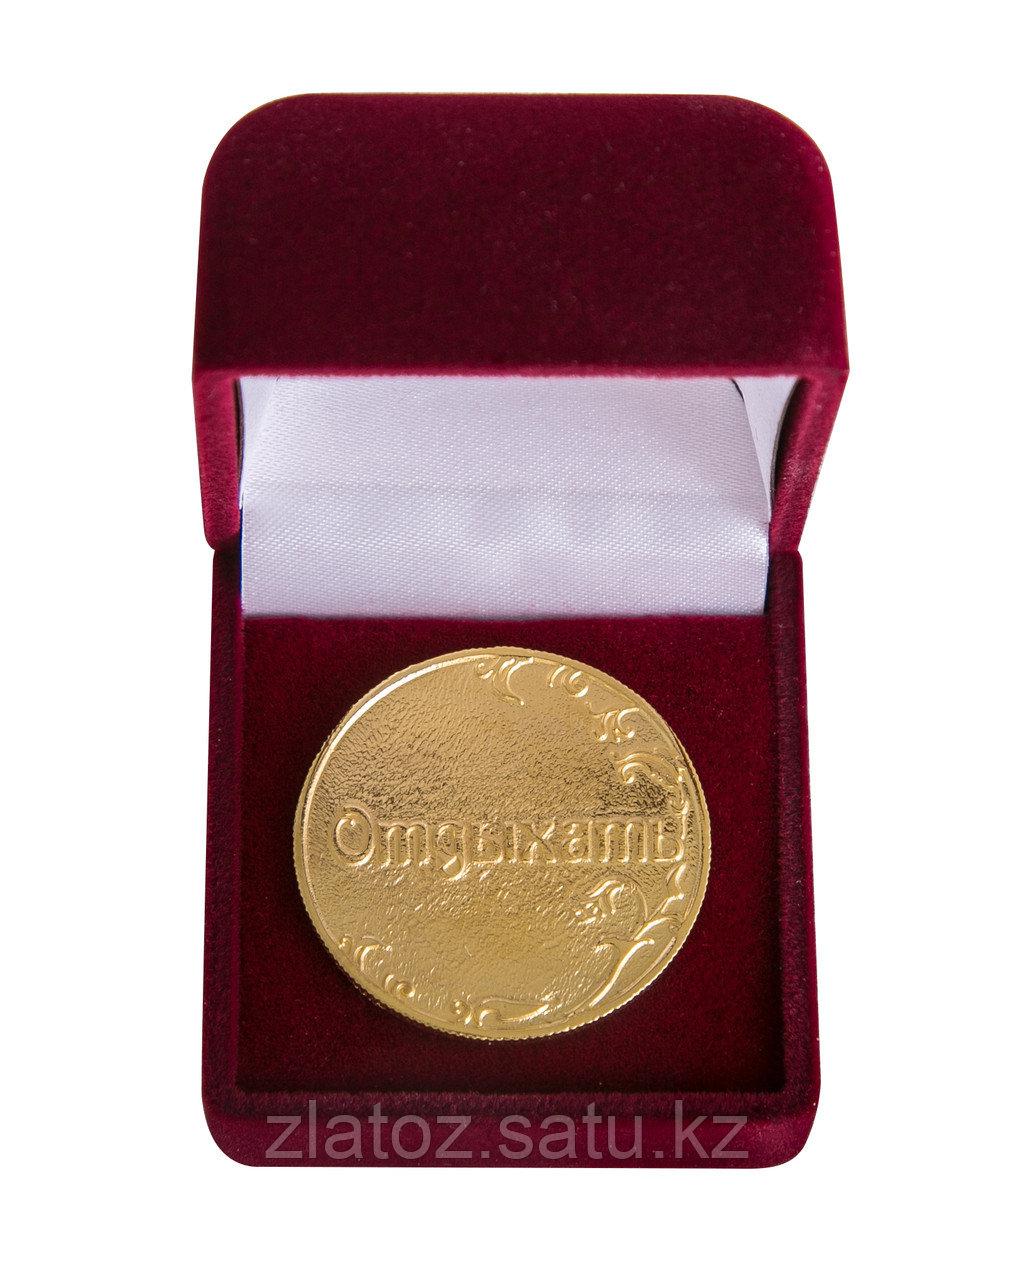 """Сувенир монета """"Отдыхать - Работать"""" - Купить в Казахстане - фото 2"""